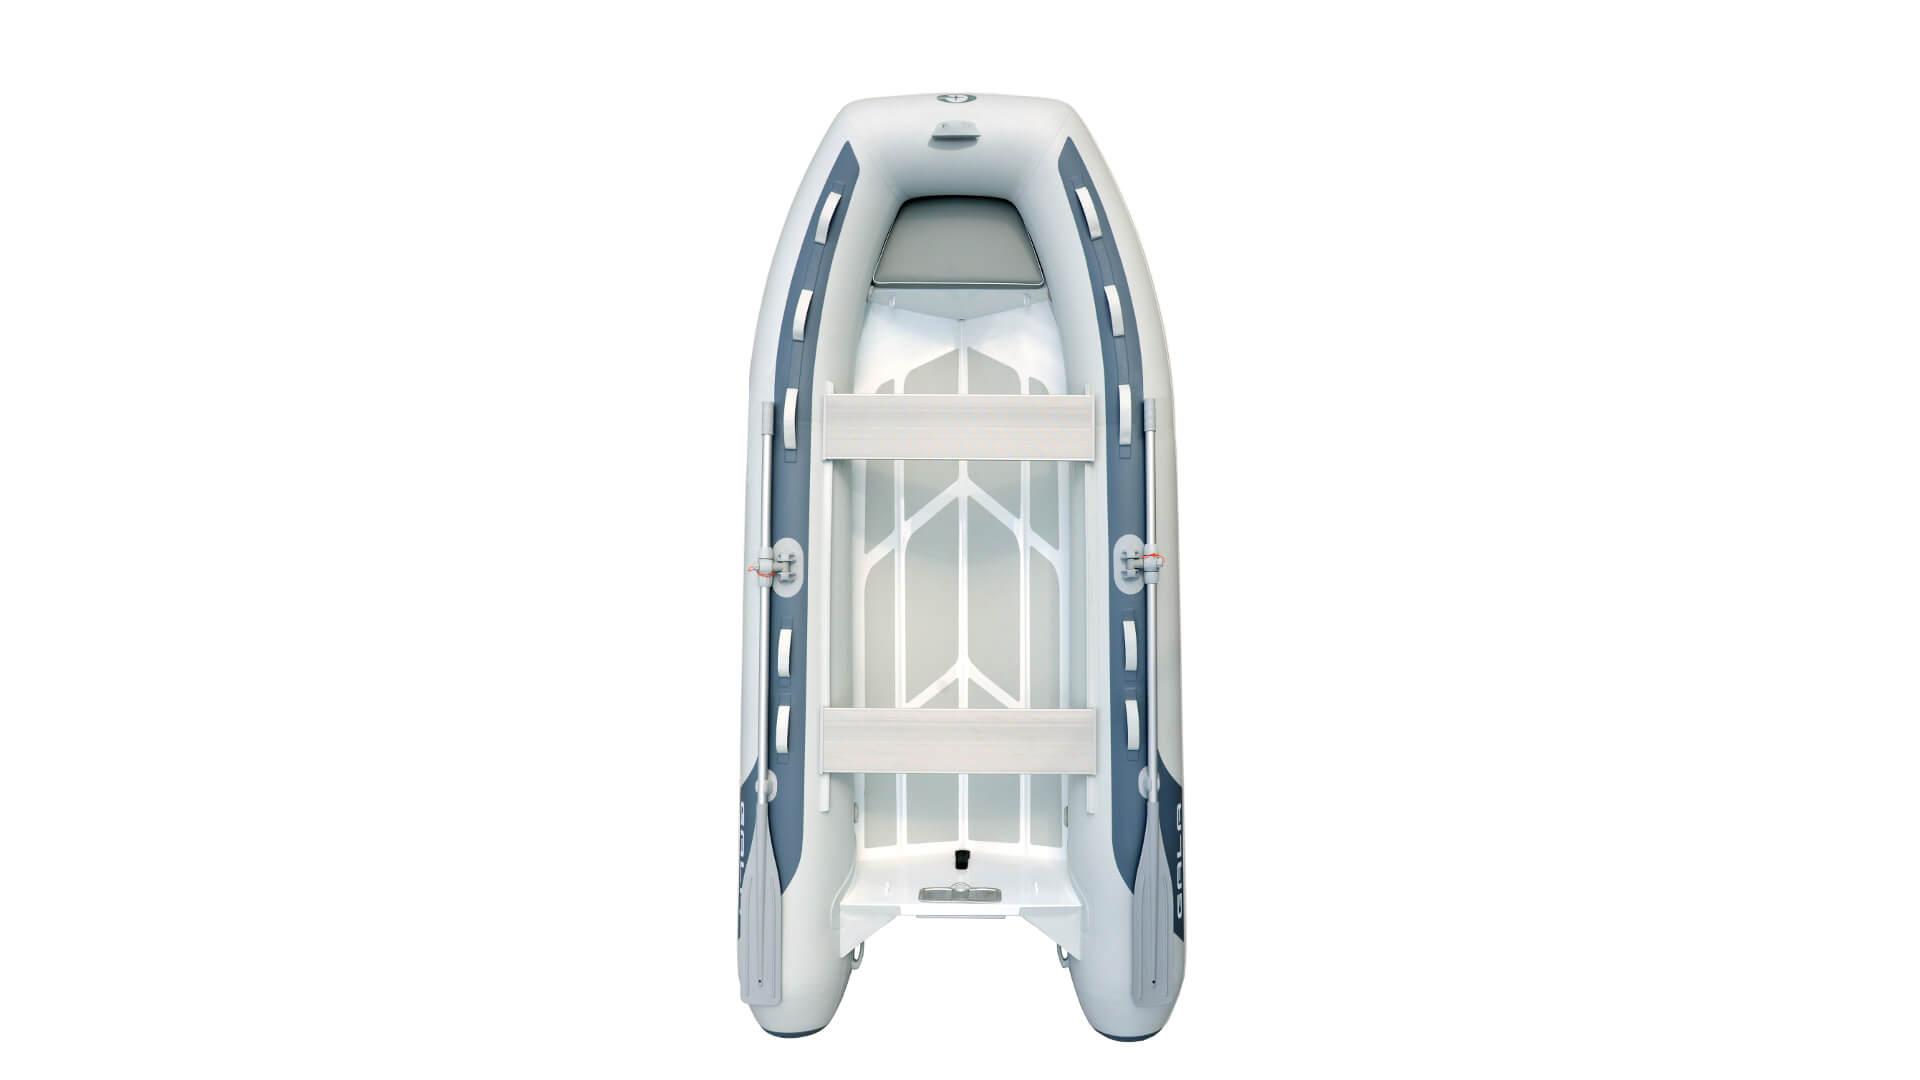 Надувная лодка с жестким алюминиевым дном GALA Atlantis A360, Надувная лодка с жестким дном GALA Atlantis A360, Надувная лодка с жестким дном GALA A360, Надувная лодка GALA A360 , Надувная лодка GALA A360, GALA A360, лодка с жестким дном, алюминиевый риб, алюминиевый RIB, RIB, тендерная лодка, тендер для яхты